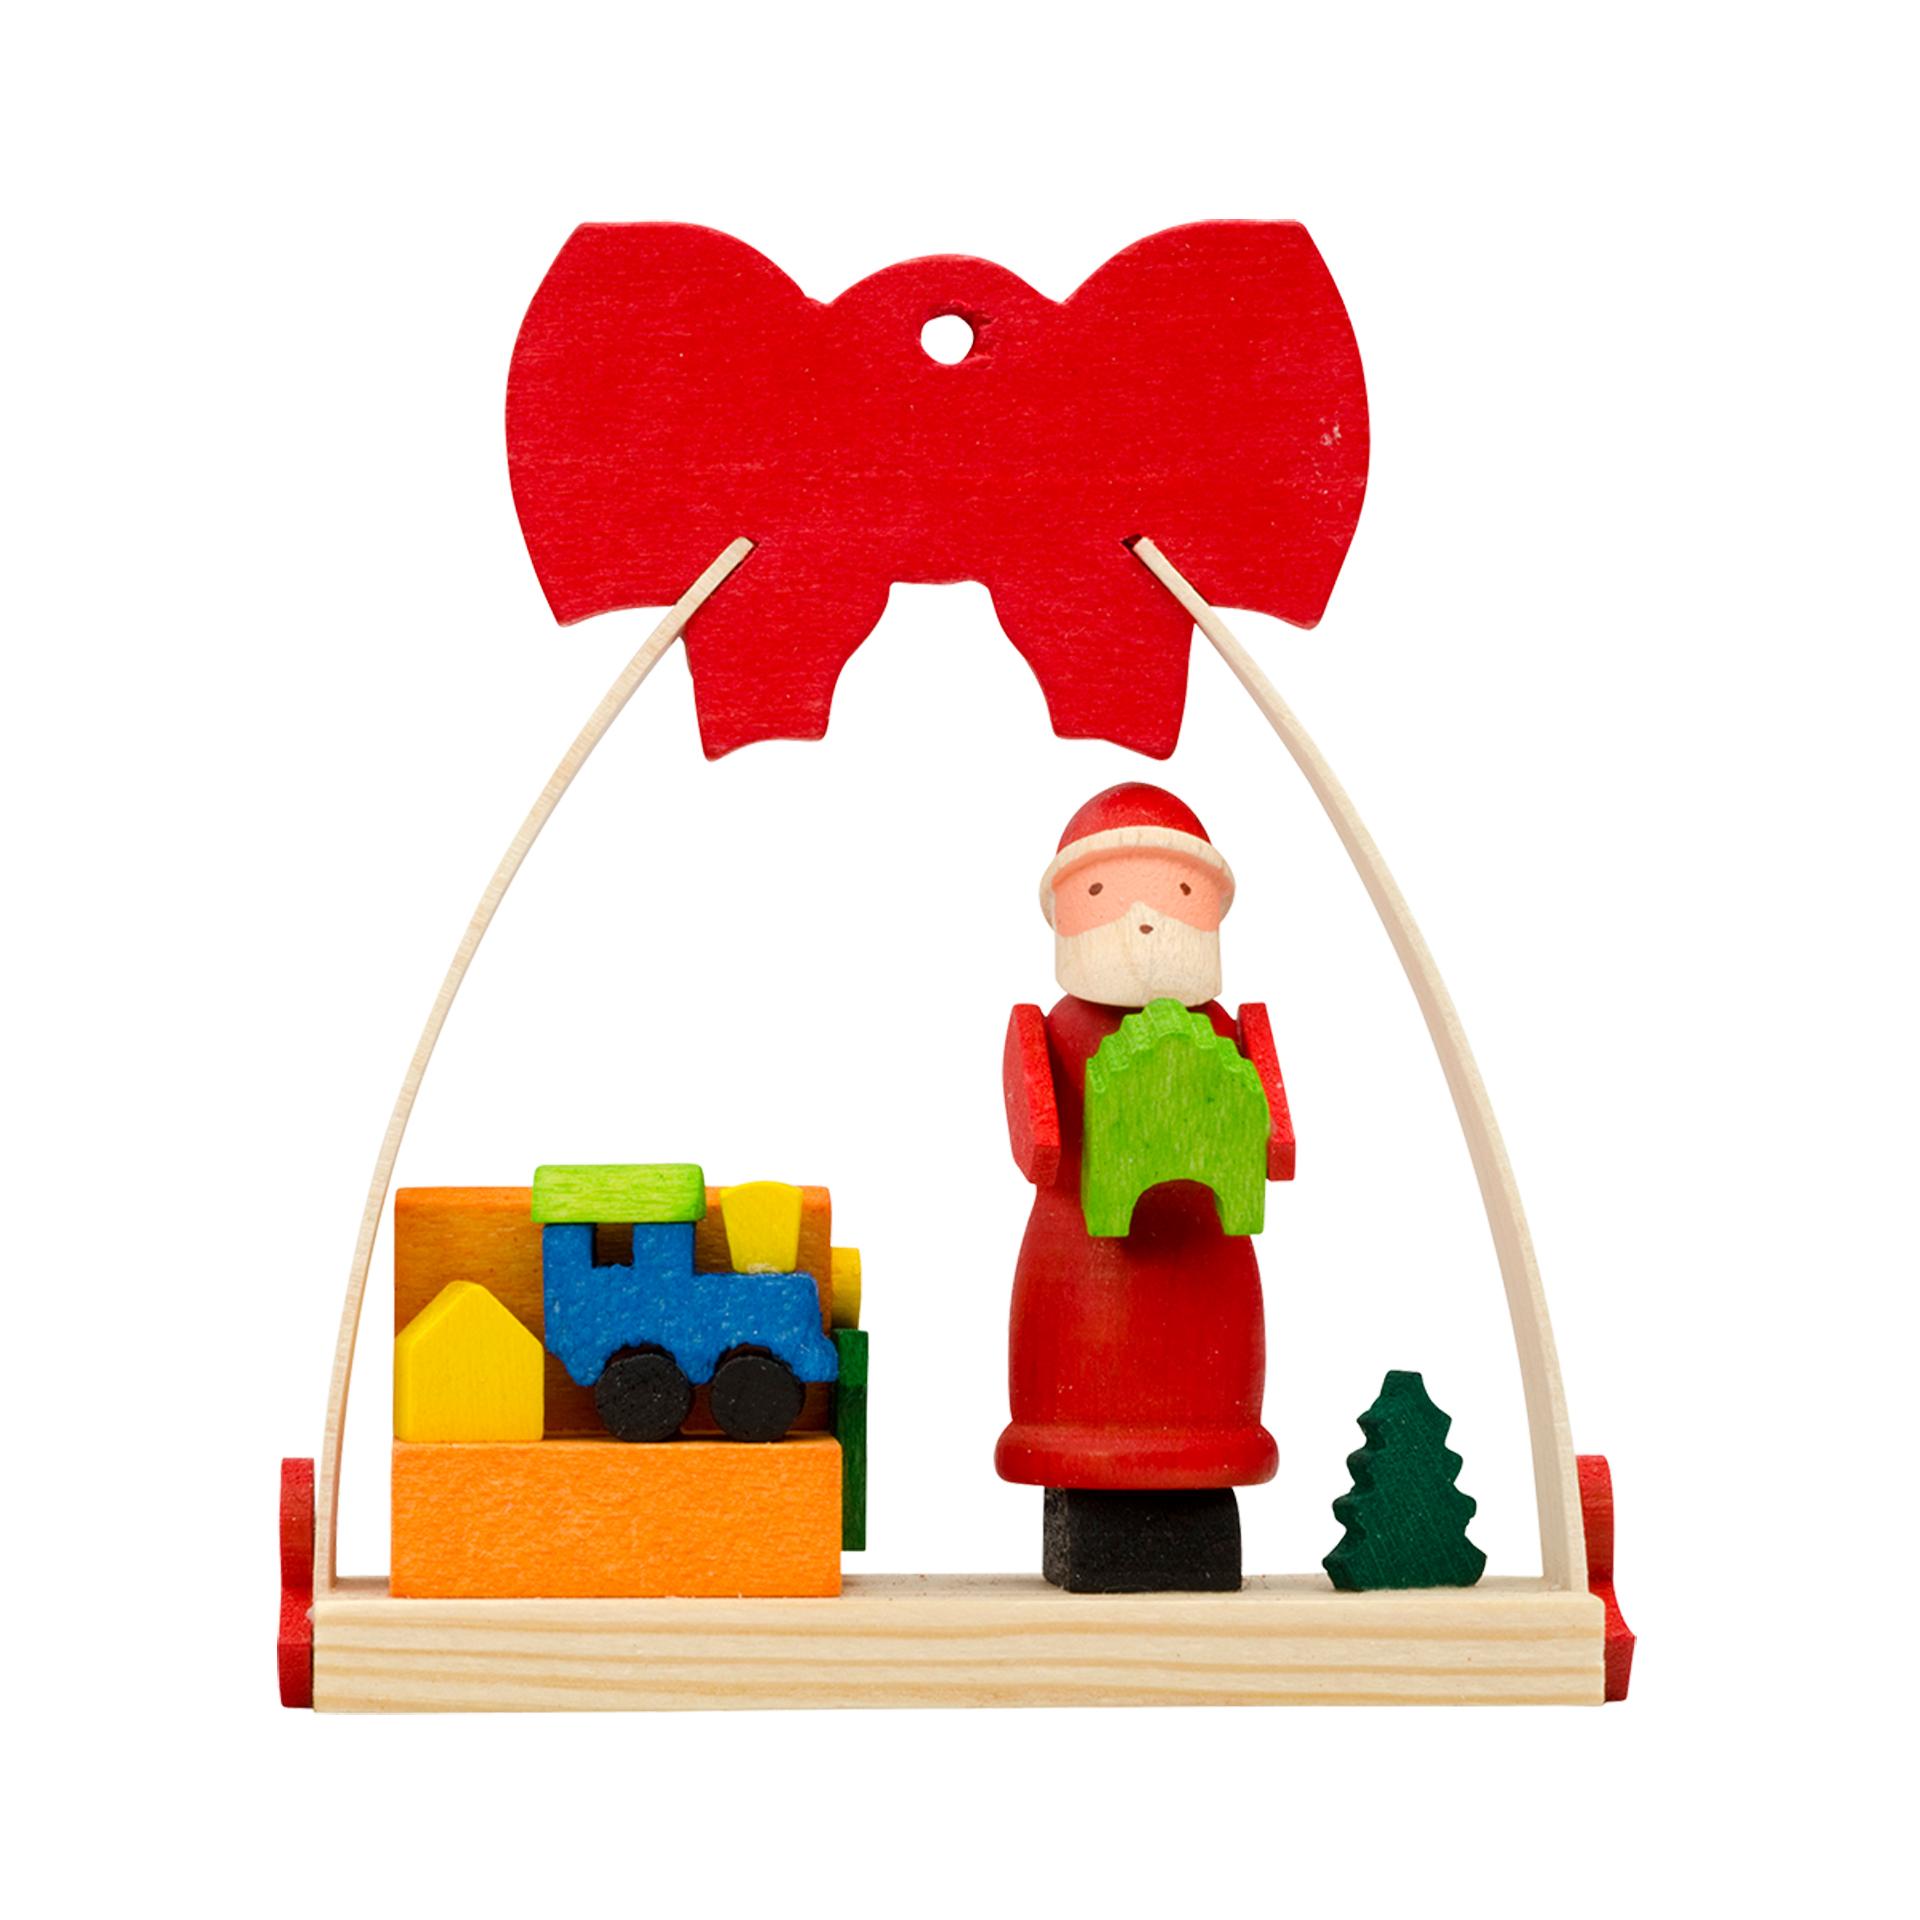 Baumschmuck Weihnachtsmann mit Spielkiste